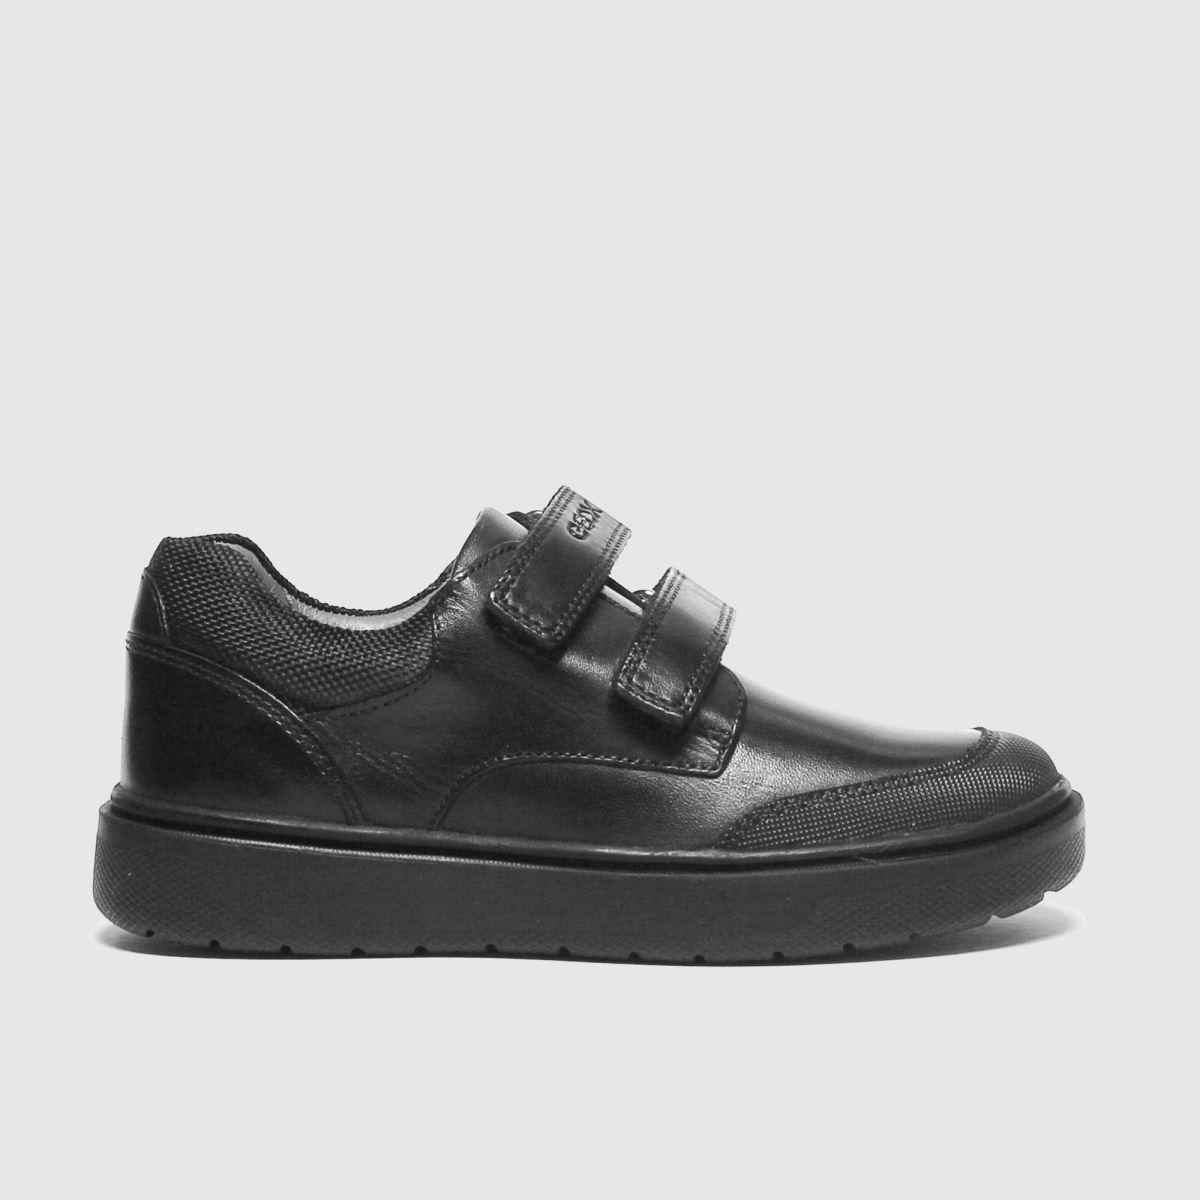 Geox Black Riddock 2v Shoes Toddler